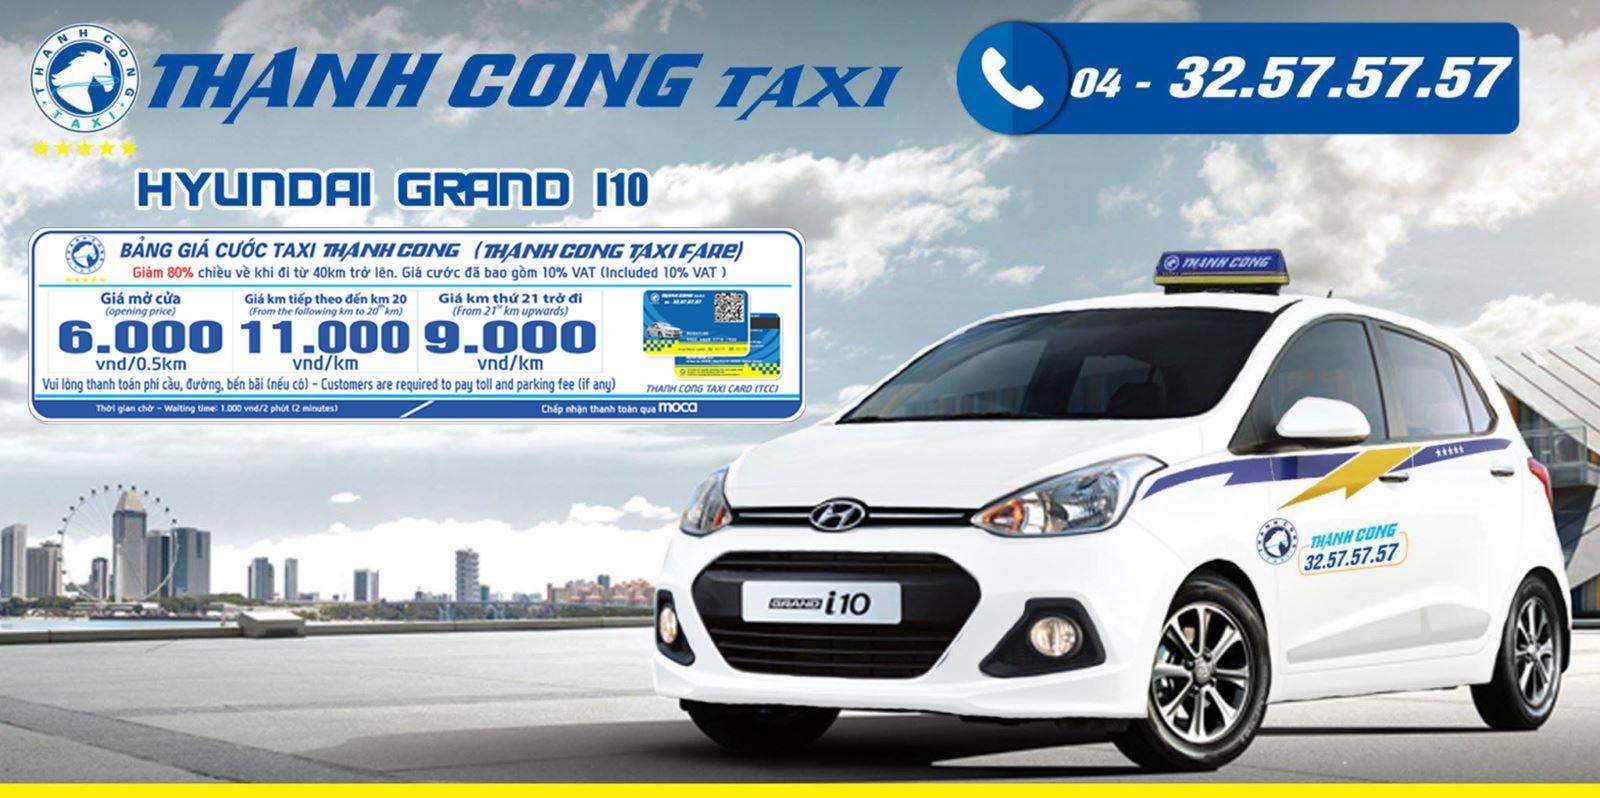 Taxi Thành Công